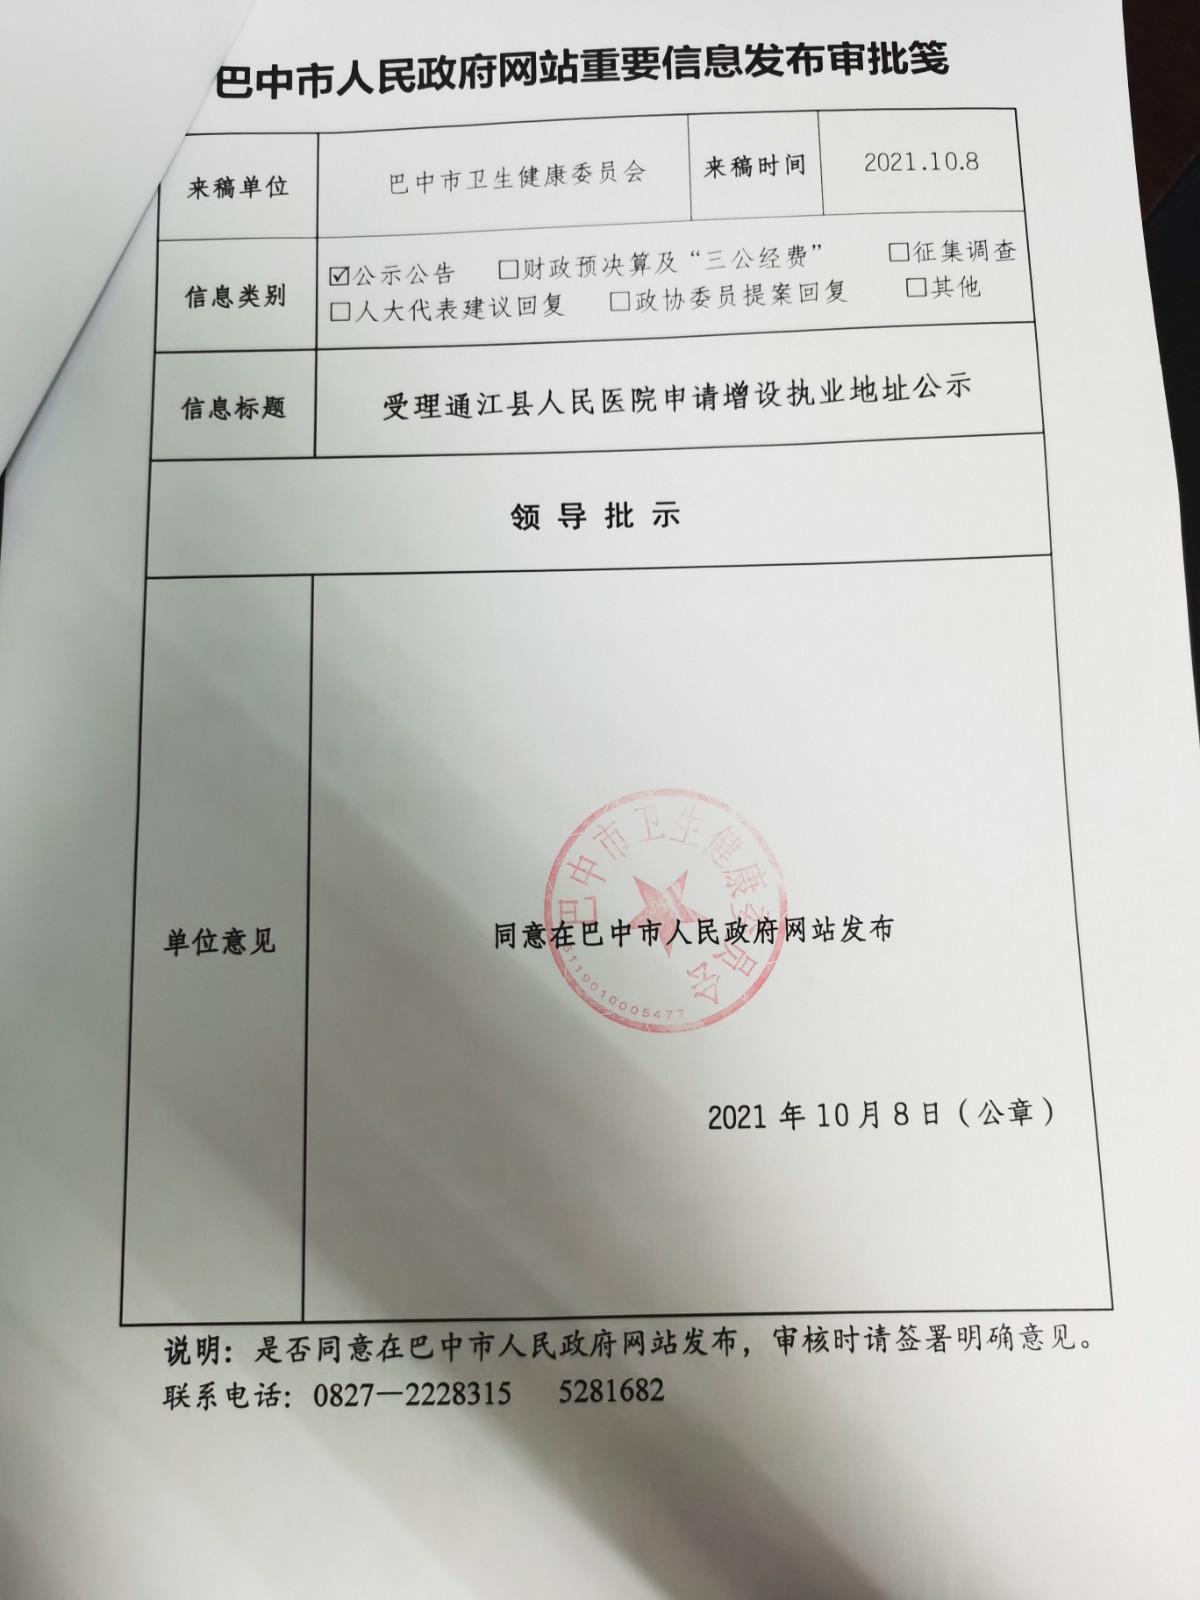 受理通江县人民医院申请增设执业地址公示